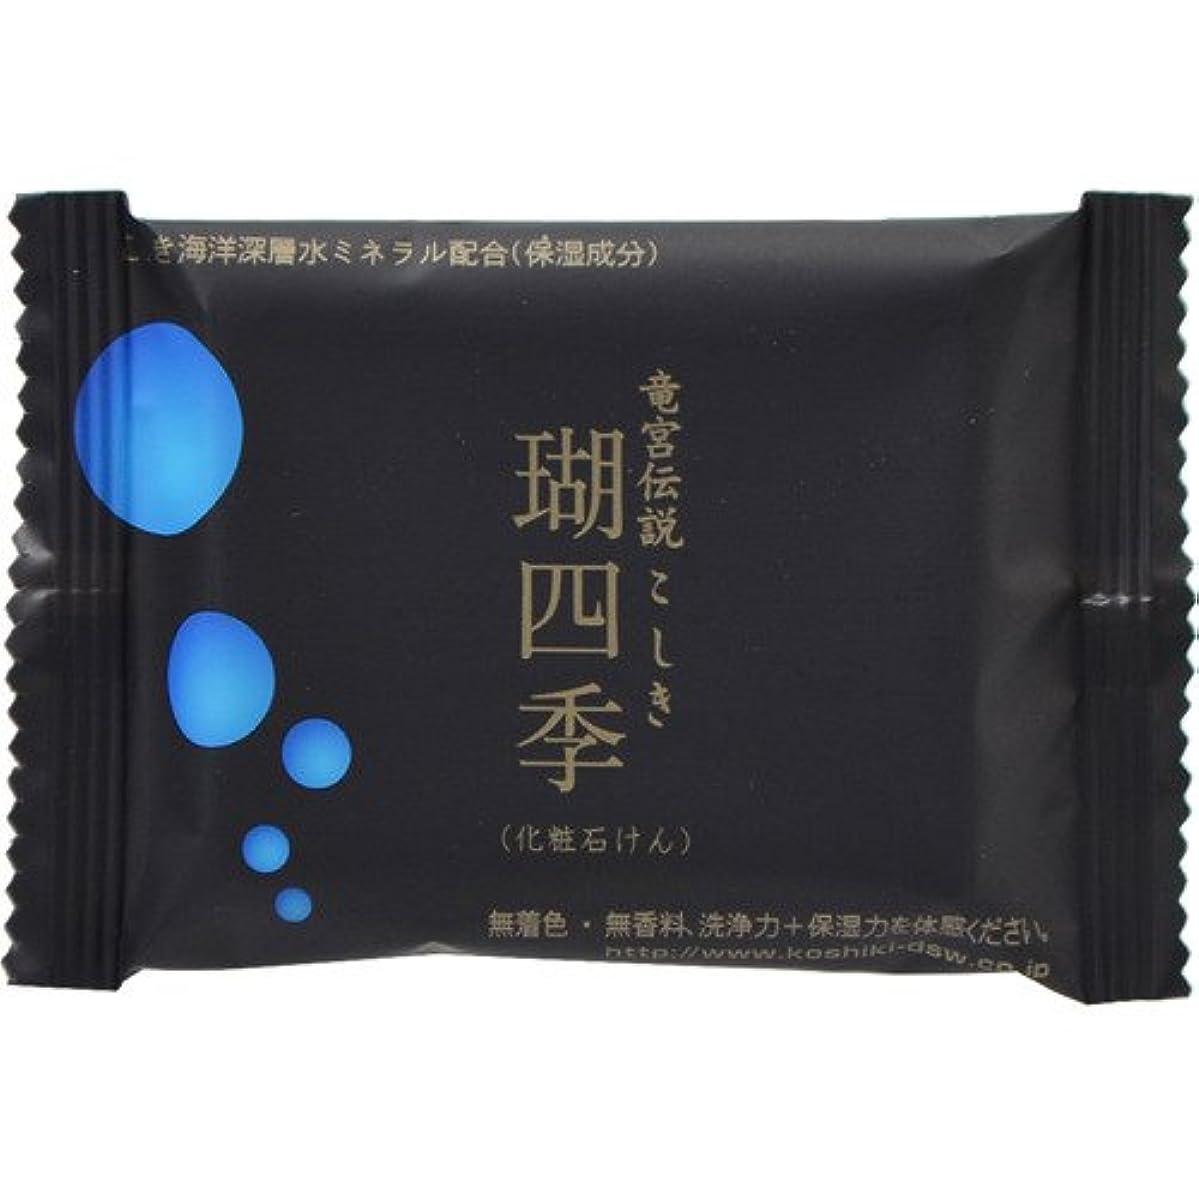 コミットジャーナリストチーズ瑚四季 化粧石鹸 30g